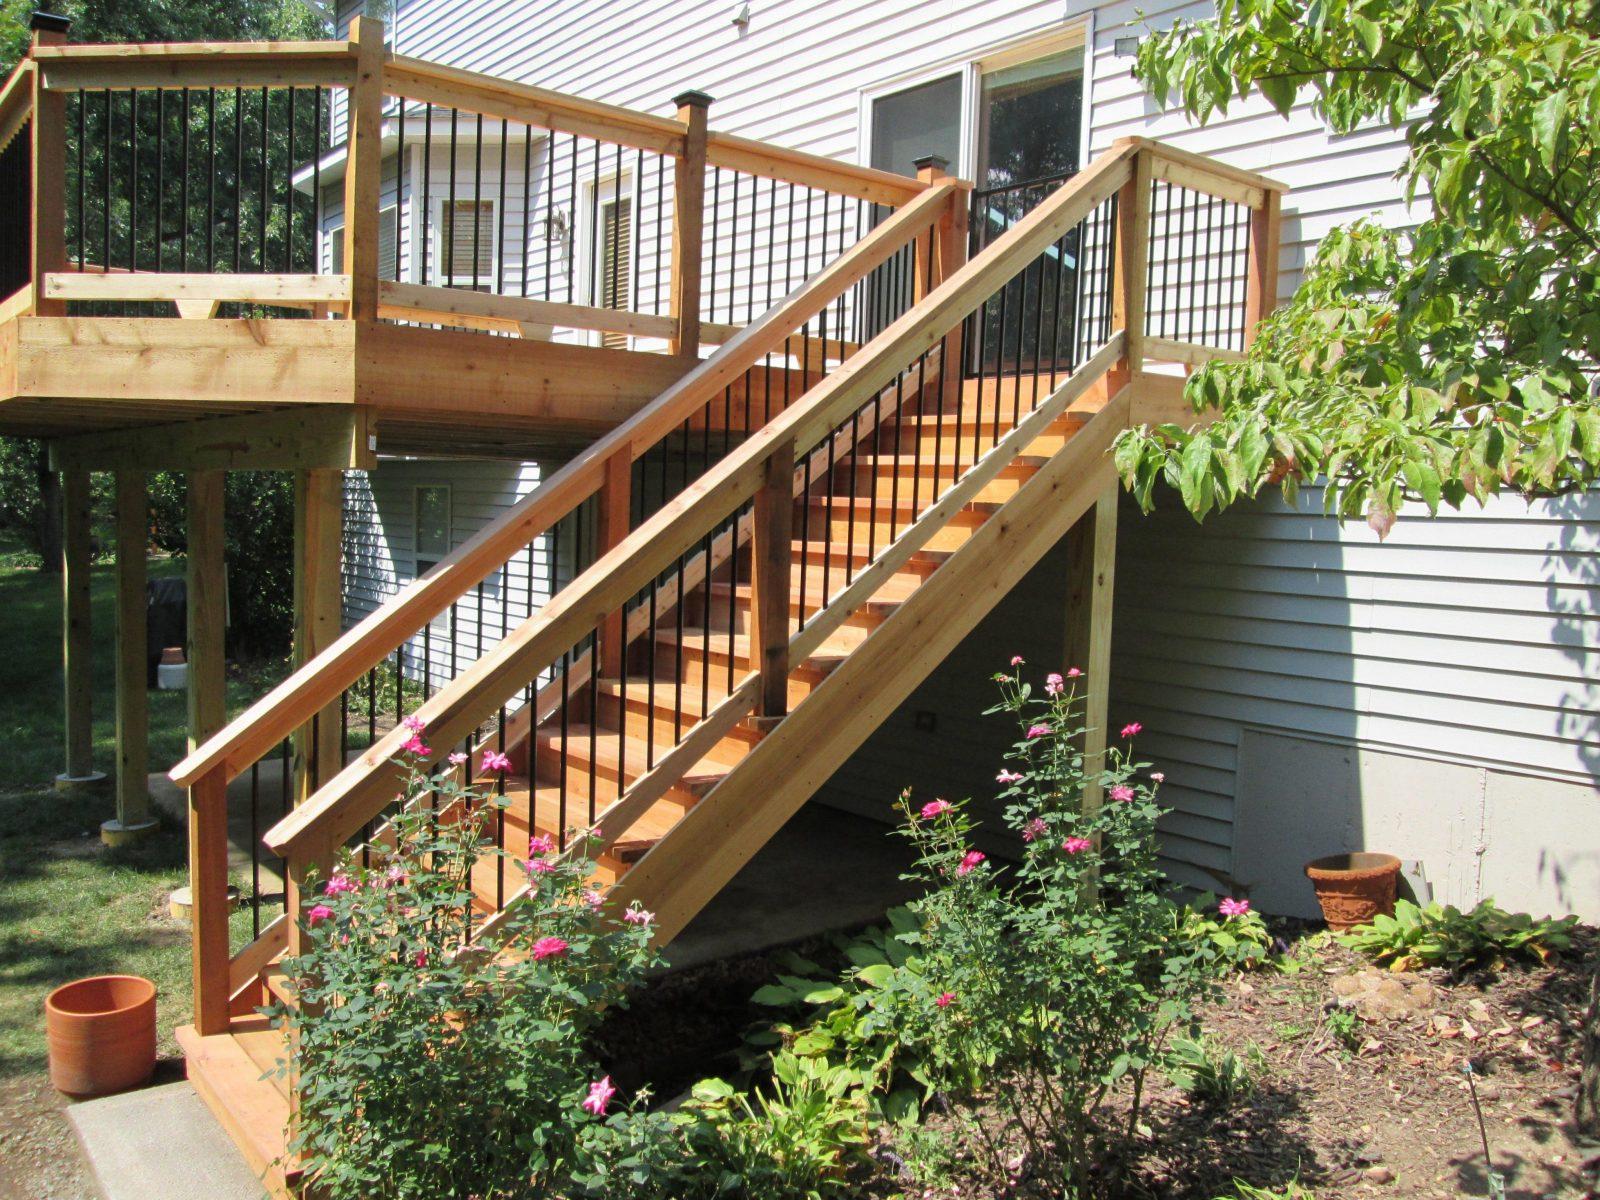 Holztreppe Aussen Geschwungene Treppeexquisit Auaen Dekoration von Außentreppe Holz Selber Bauen Bild